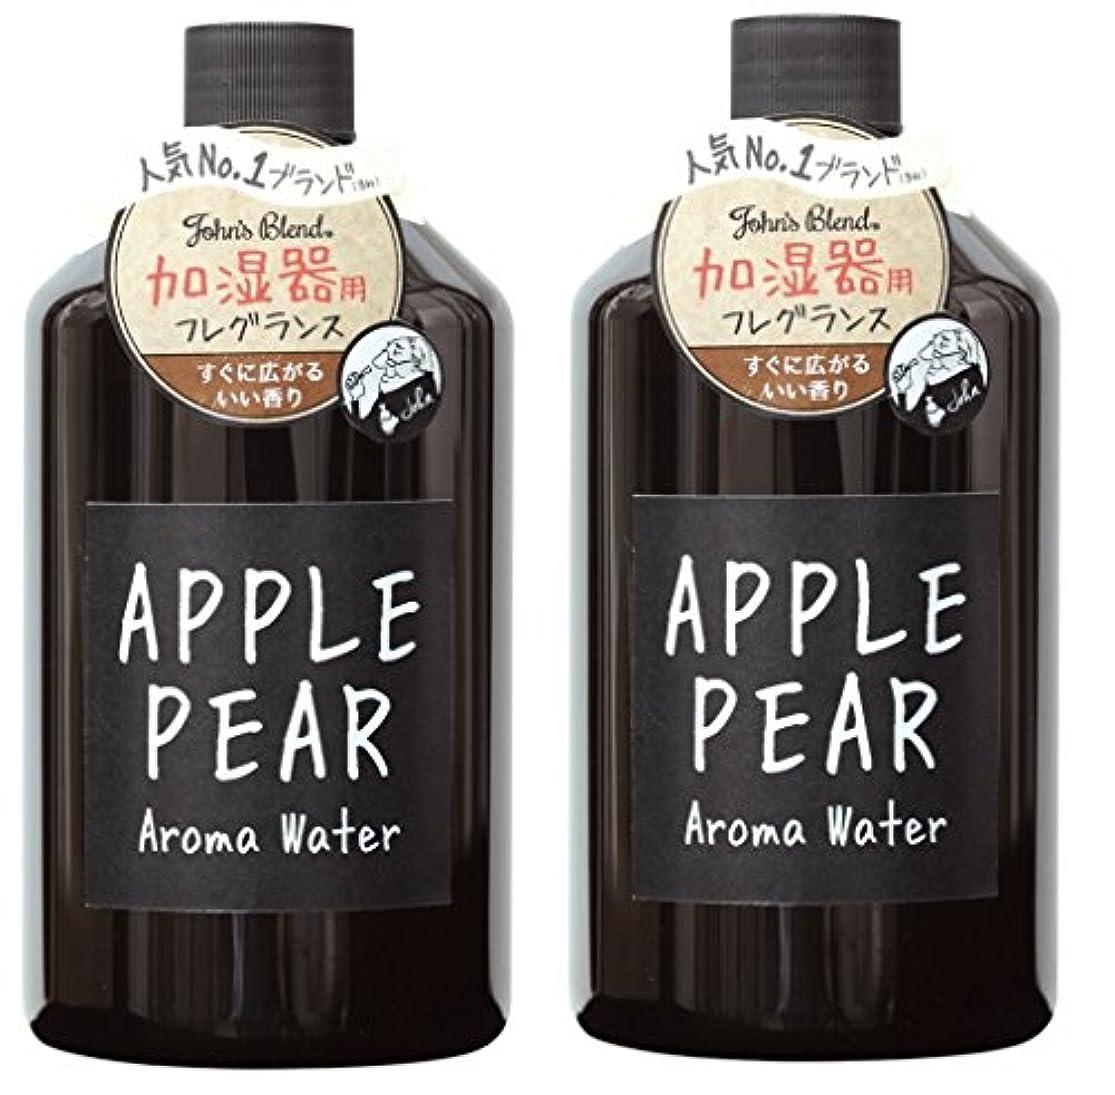 規則性報復する曖昧な【2個セット】Johns Blend アロマウォーター 加湿器 用 480ml アップルペアー の香り OA-JON-7-4